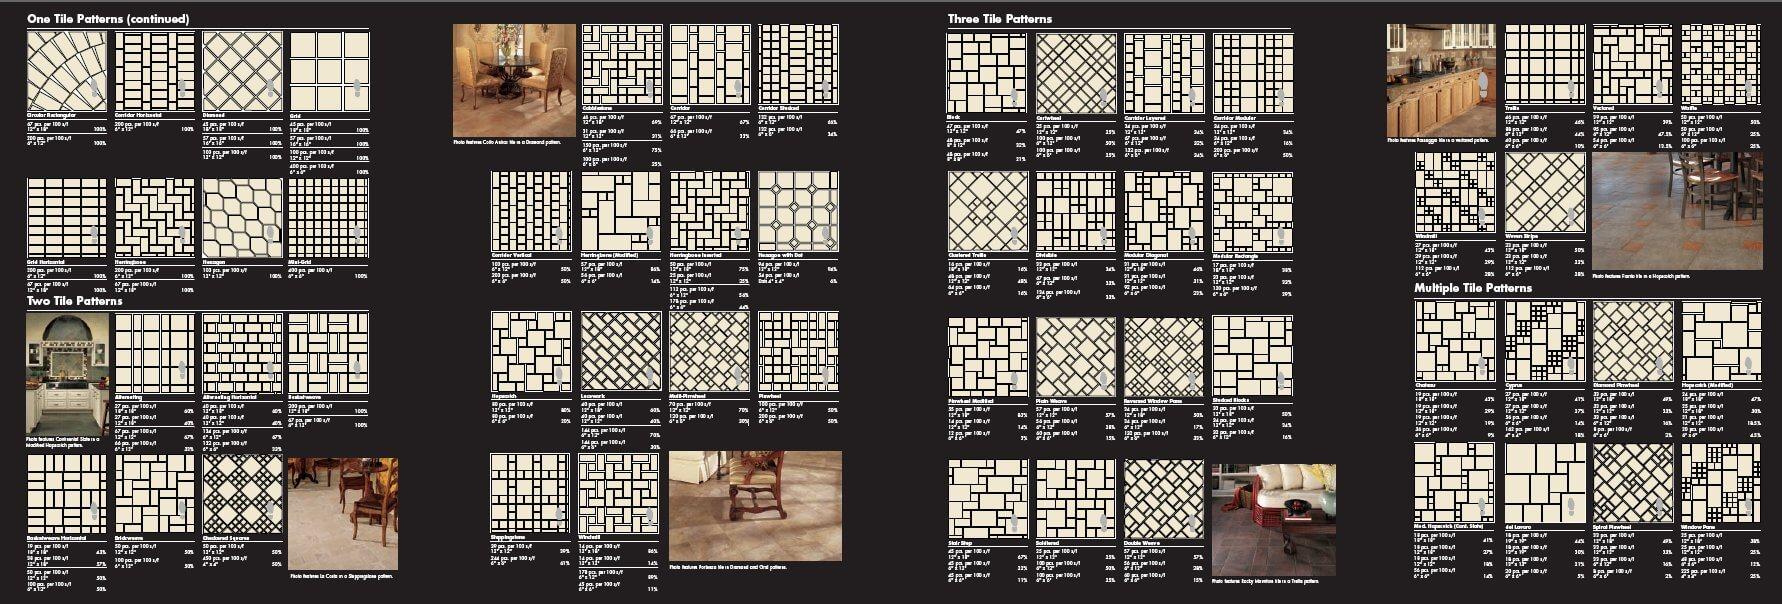 Dal tile mosaic tile patterns page 1 Retro Renovation